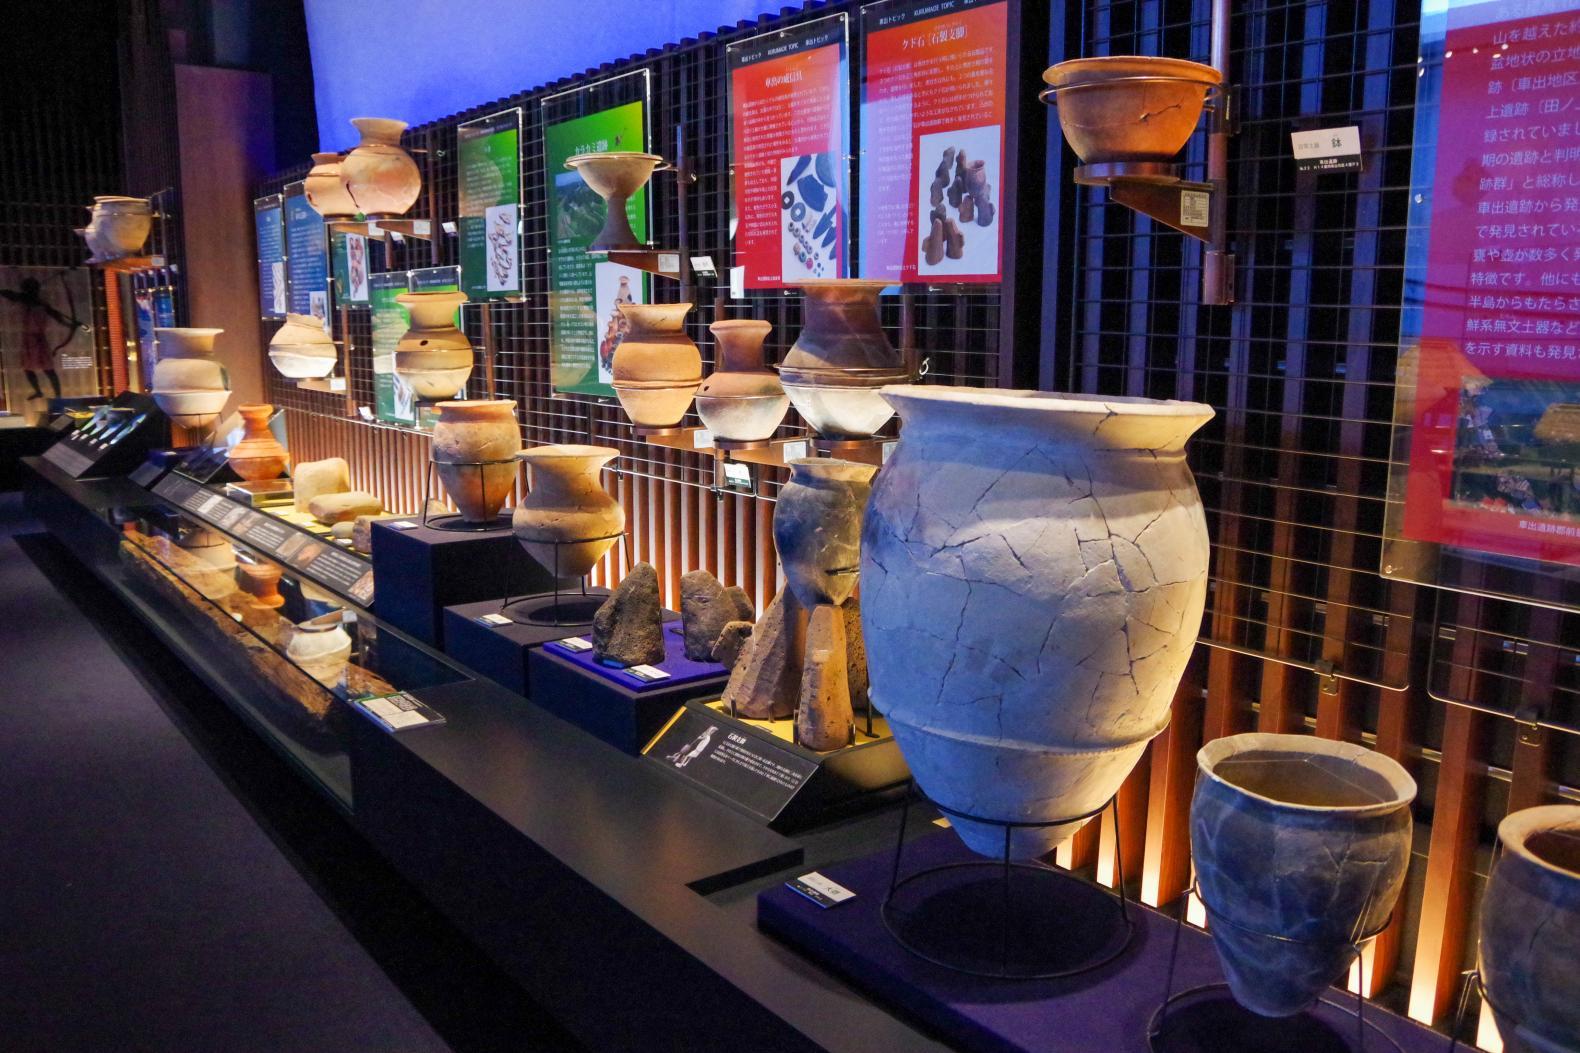 壱岐の歴史を楽しく学べる「一支国(いきこく)博物館」-7